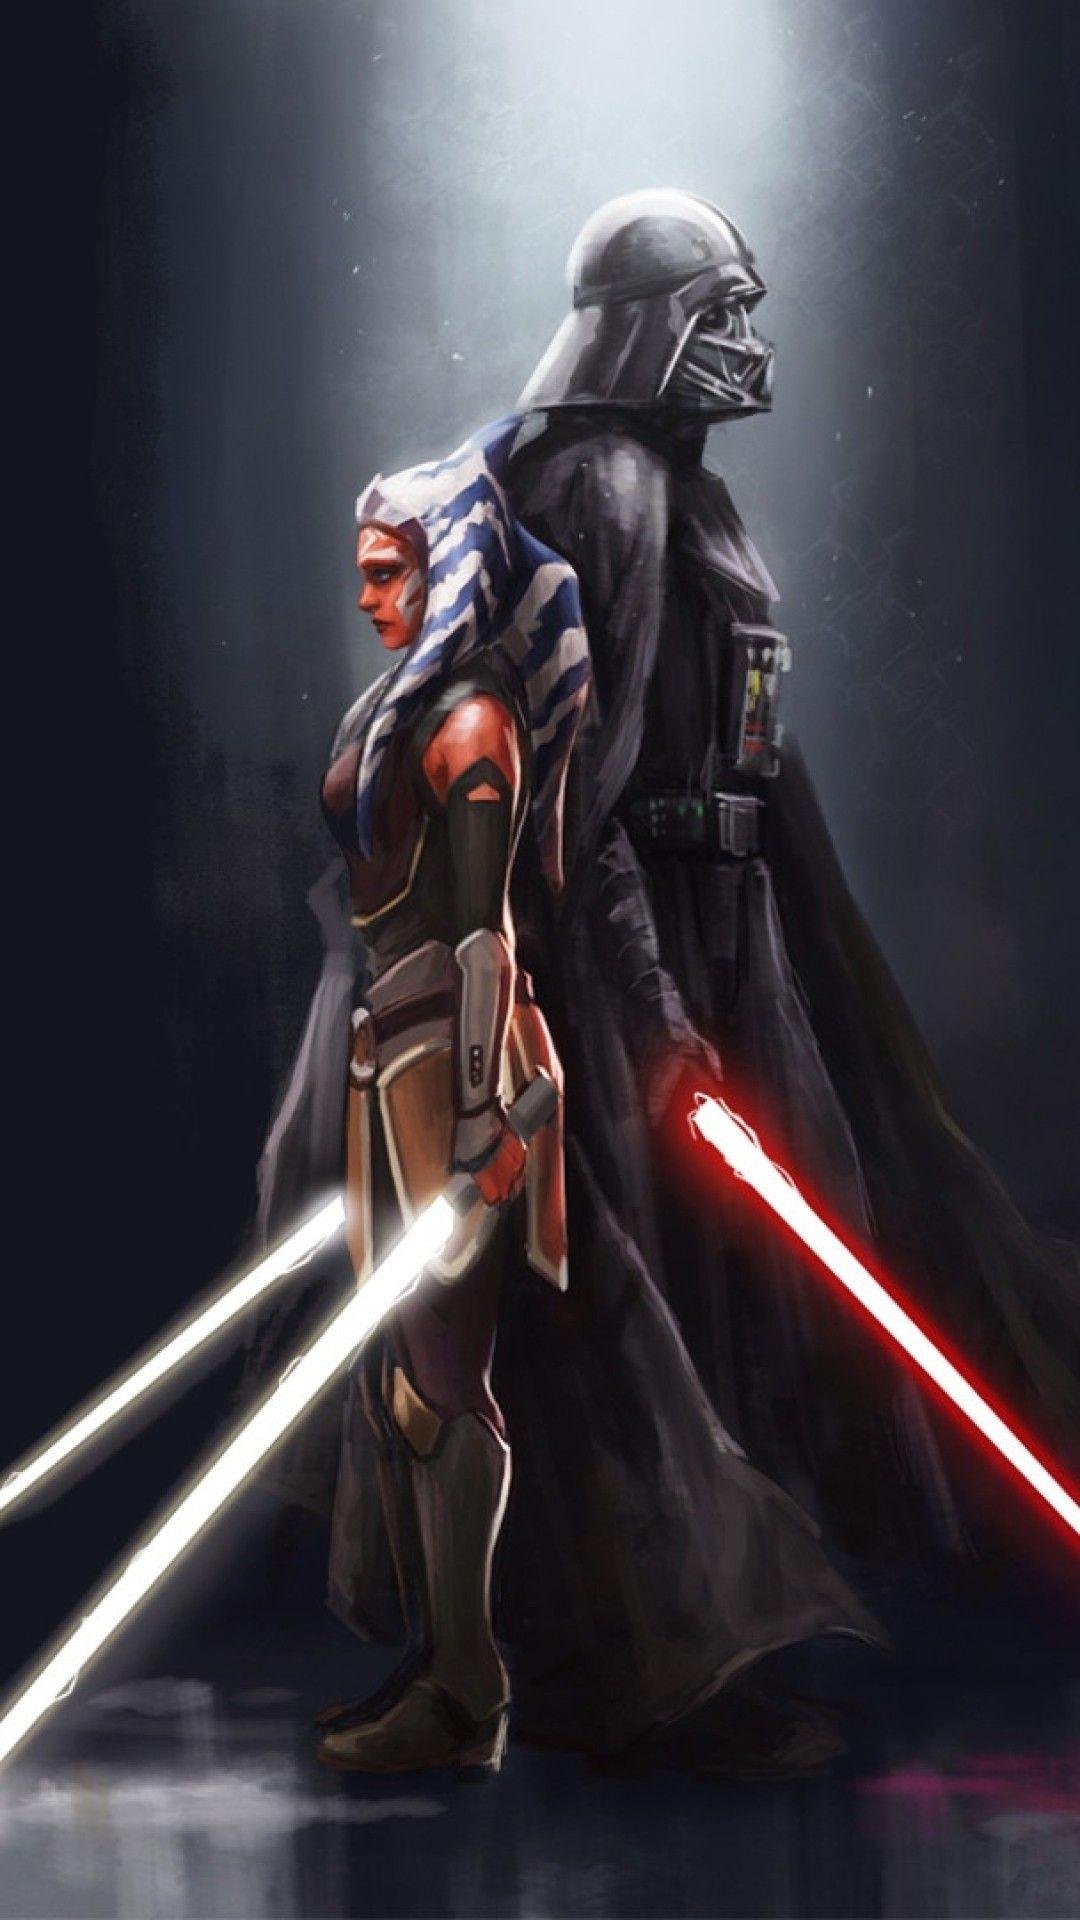 Wallpaper Phone Darth Vader And Ahsoka Full Hd Star Wars Ahsoka Star Wars Images Star Wars Pictures